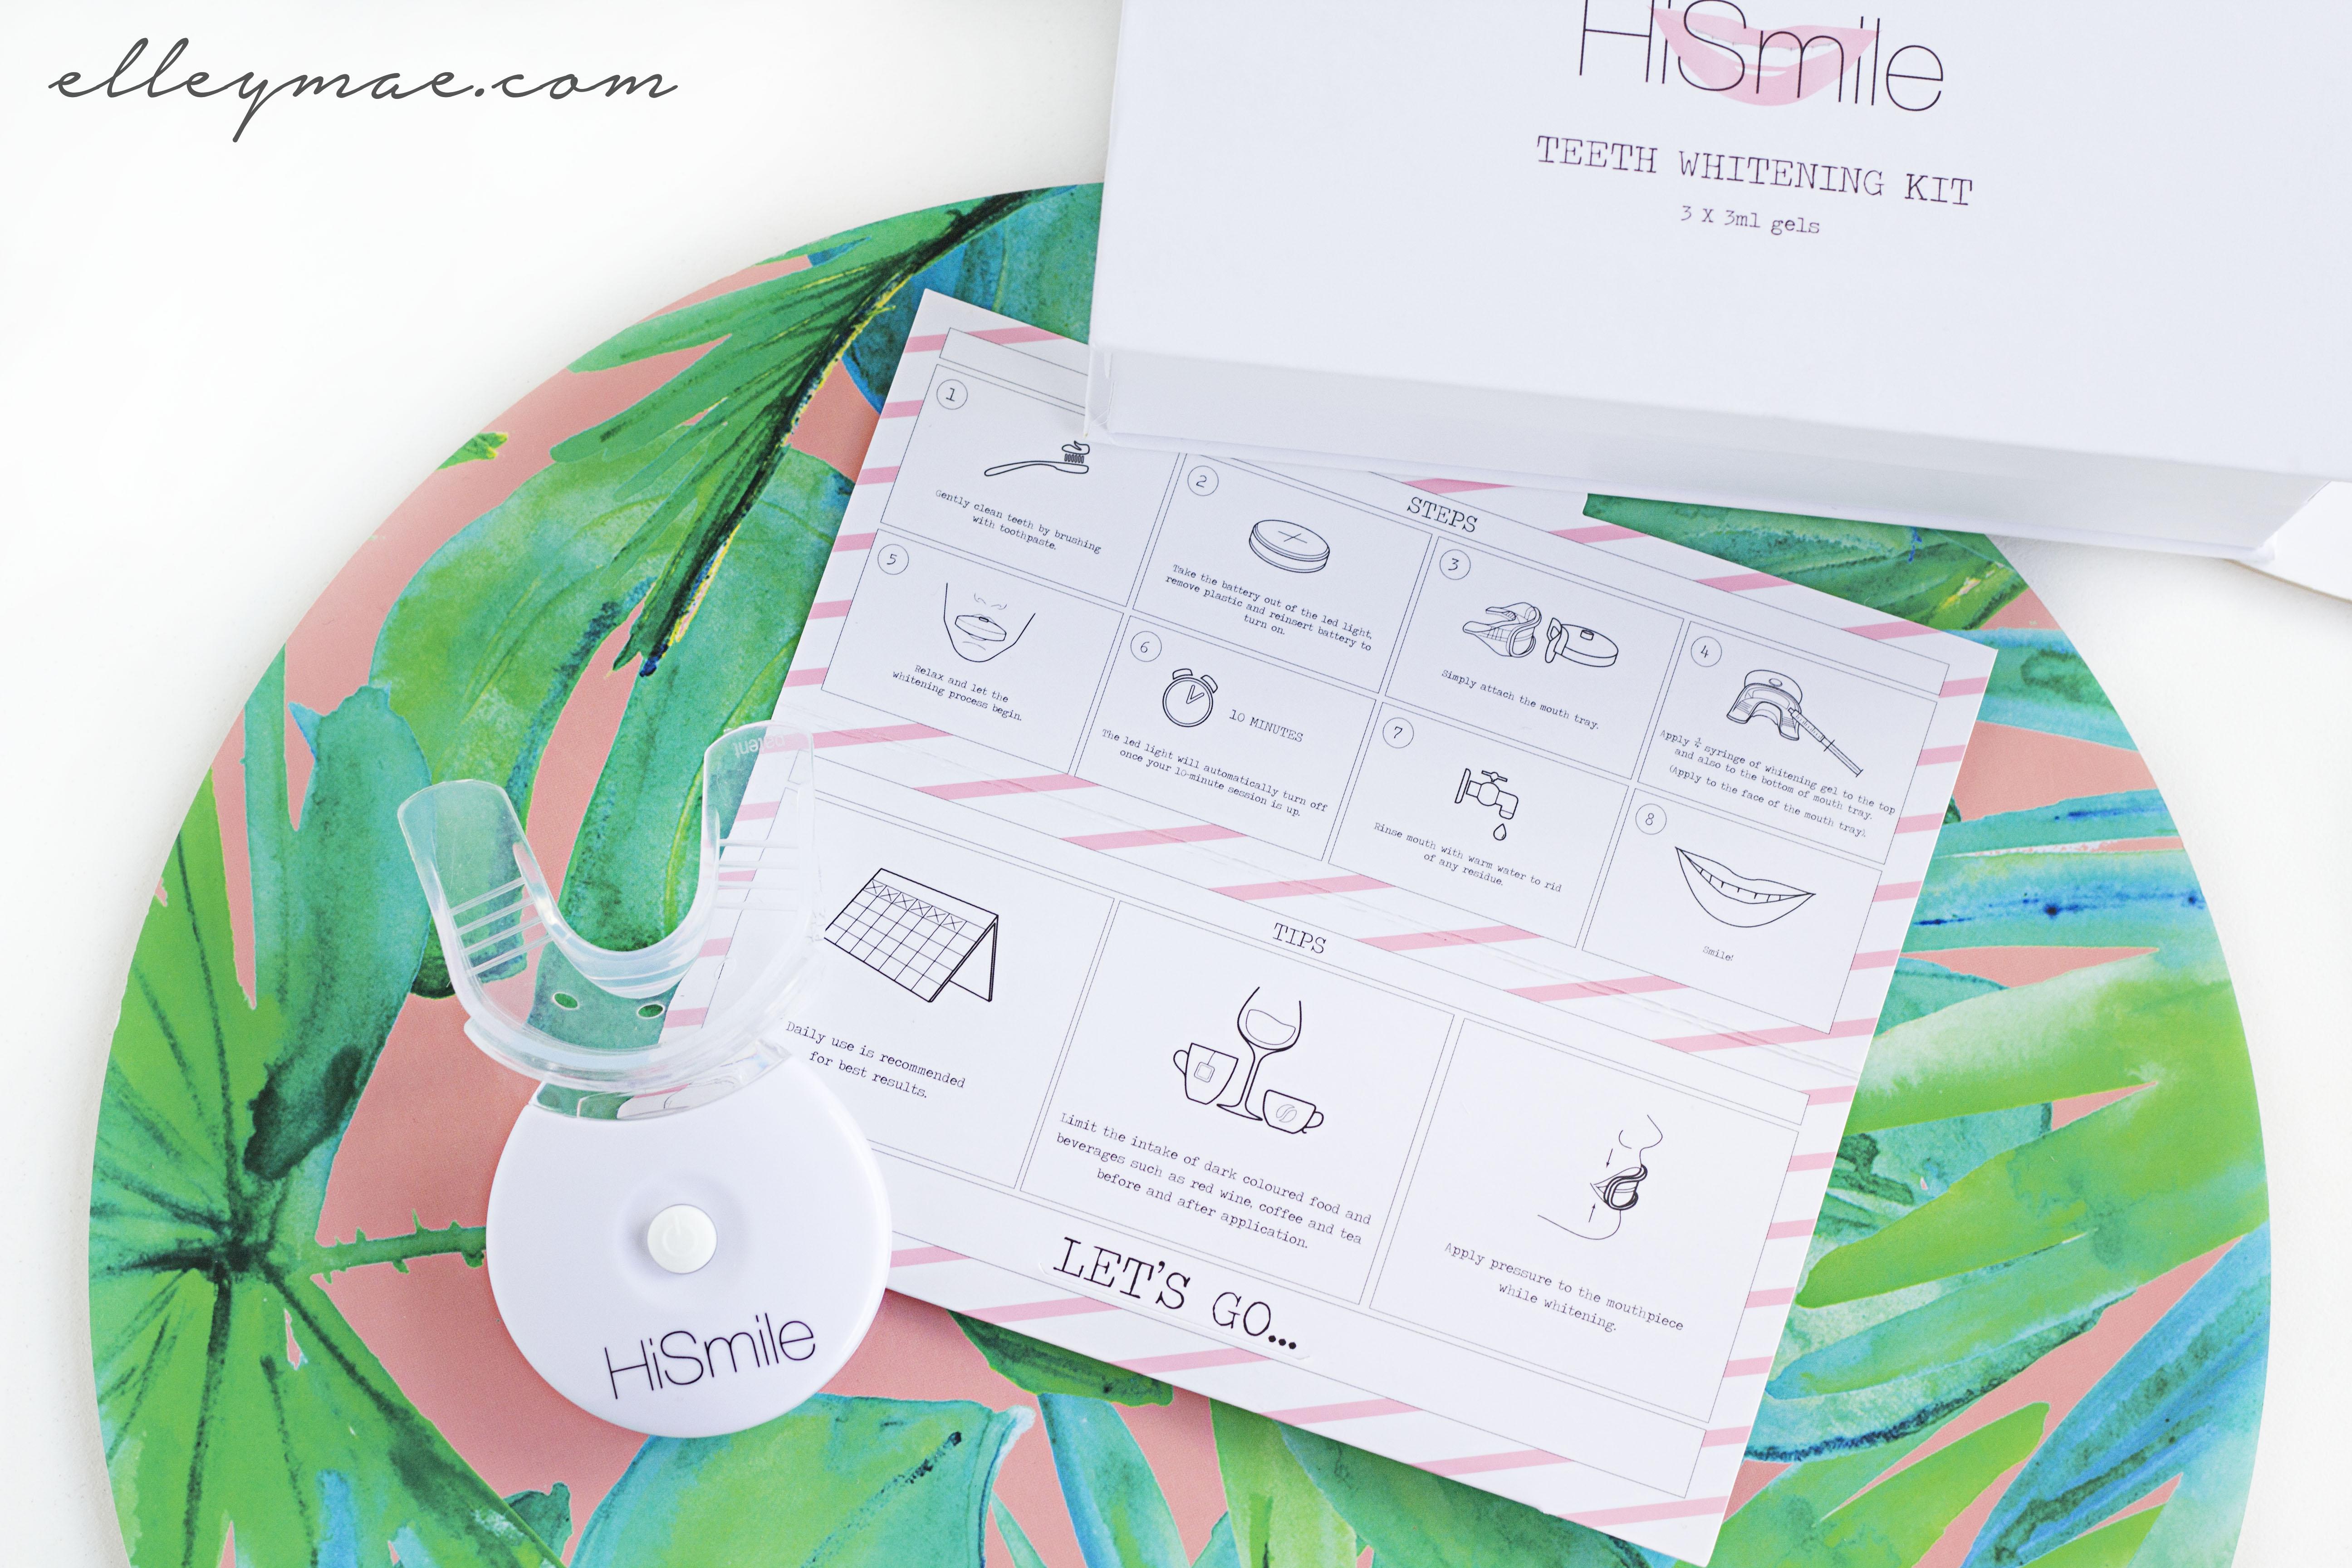 Hi Smile Teeth Whitening Kit